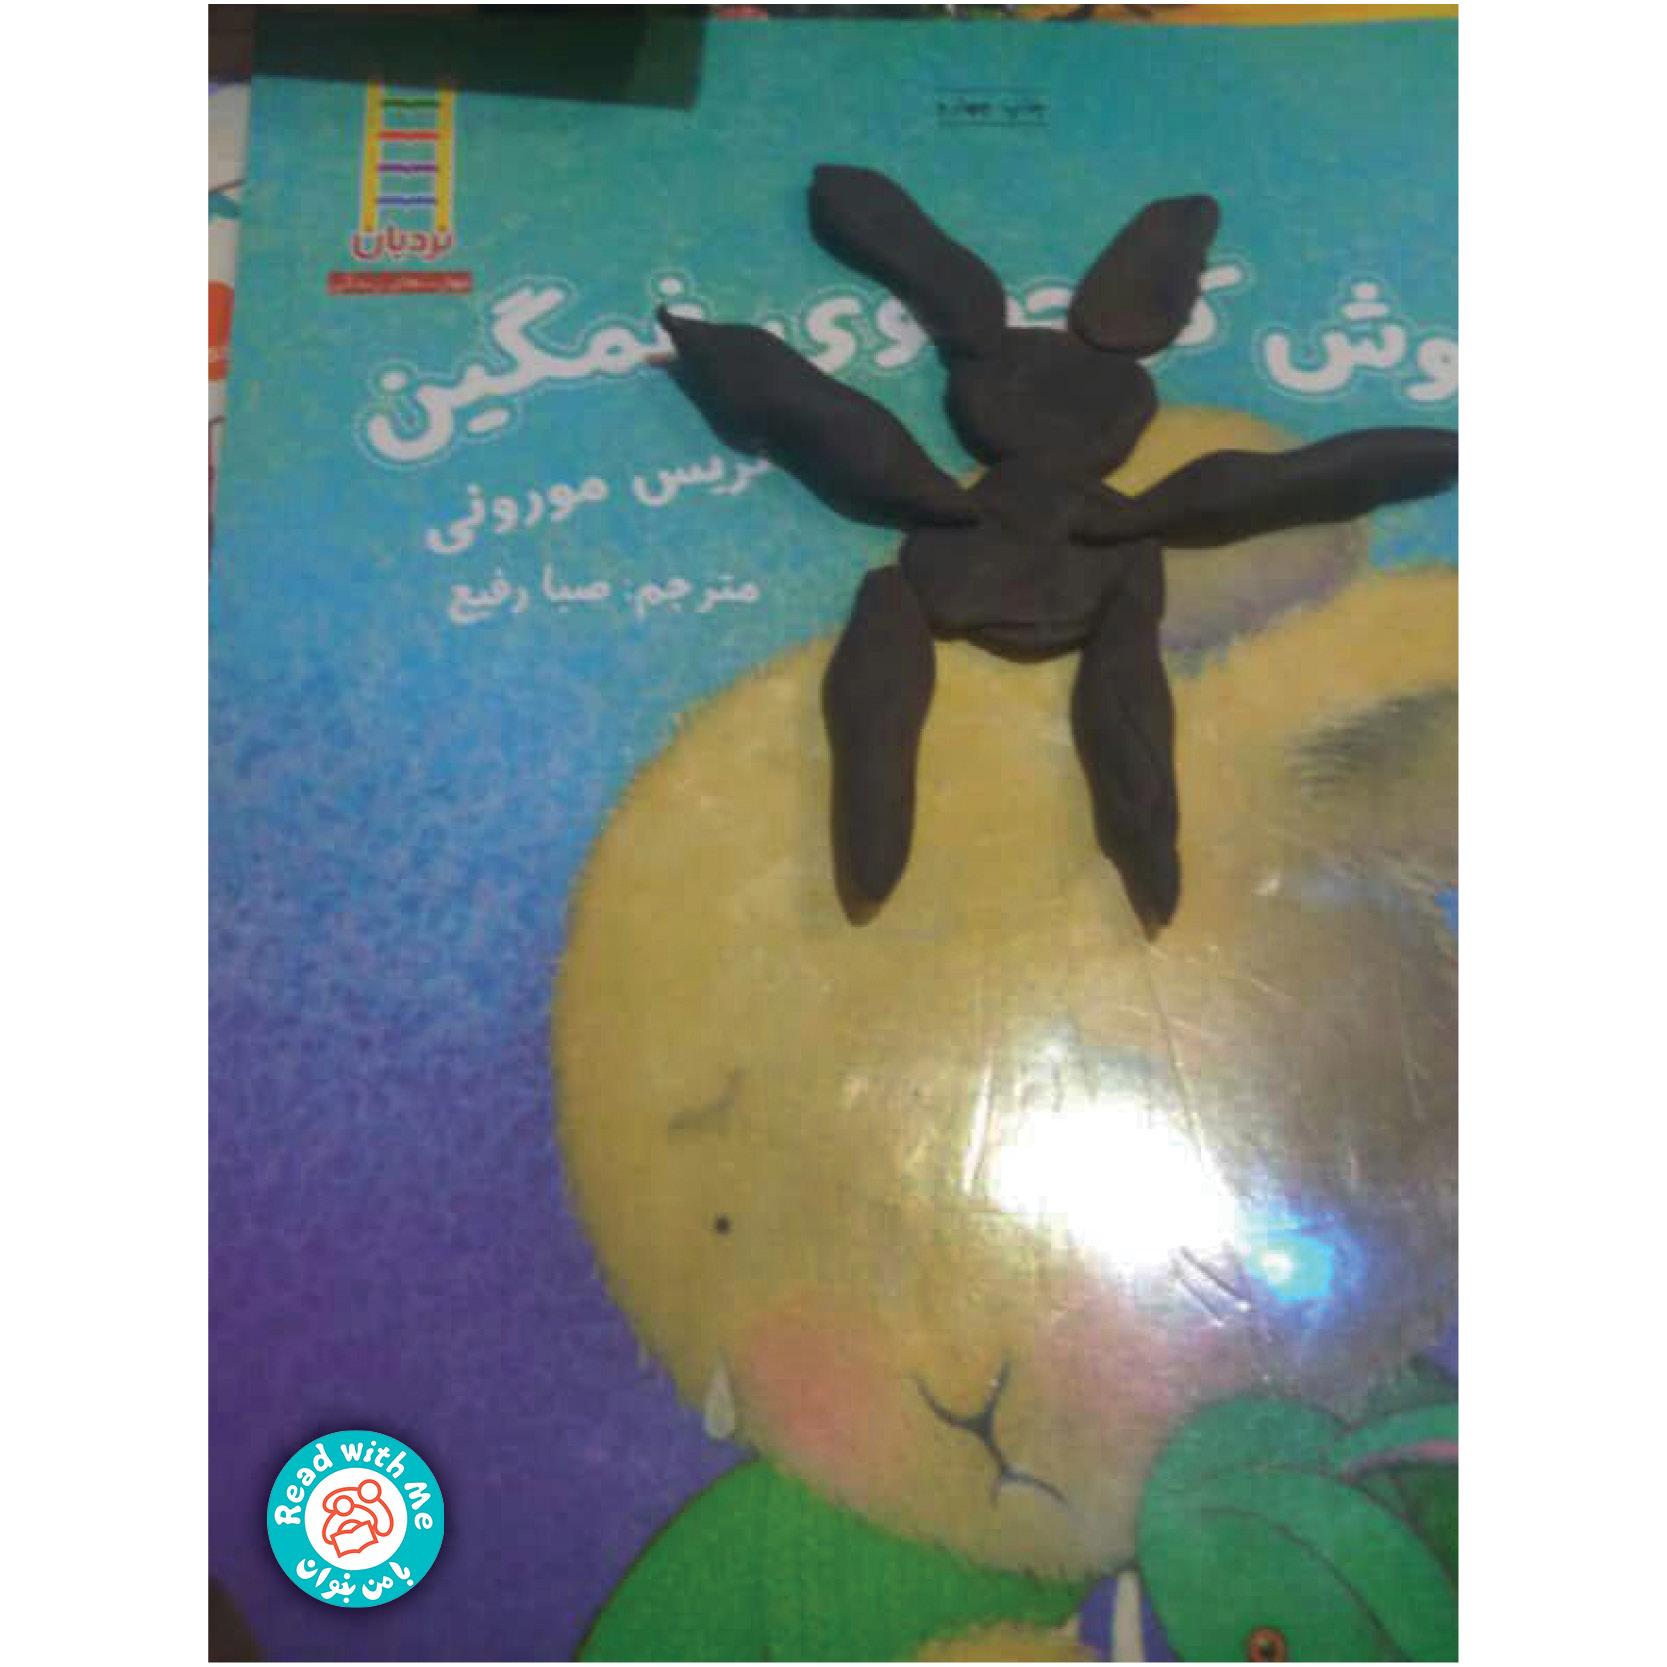 خمیربازی در فعالیت پس از بلندخوانی کتاب «خرگوش کوچولوی غمگین»